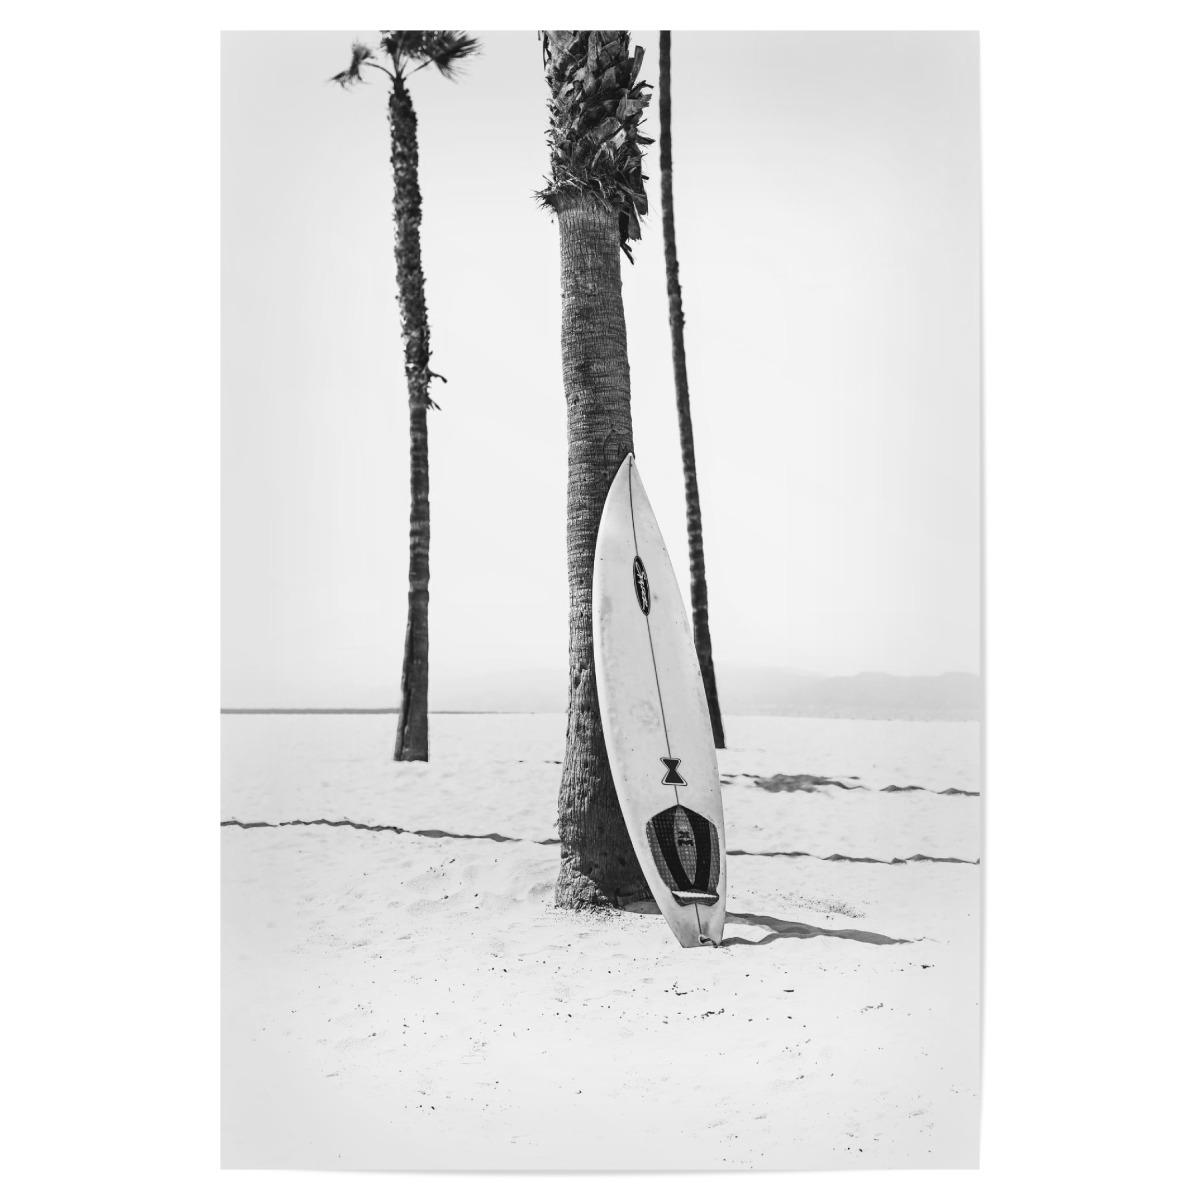 Wandfarbe Farbpalette Toom Eine Graue Farbpalette: SURF BW Als Poster Bei ArtboxONE Kaufen